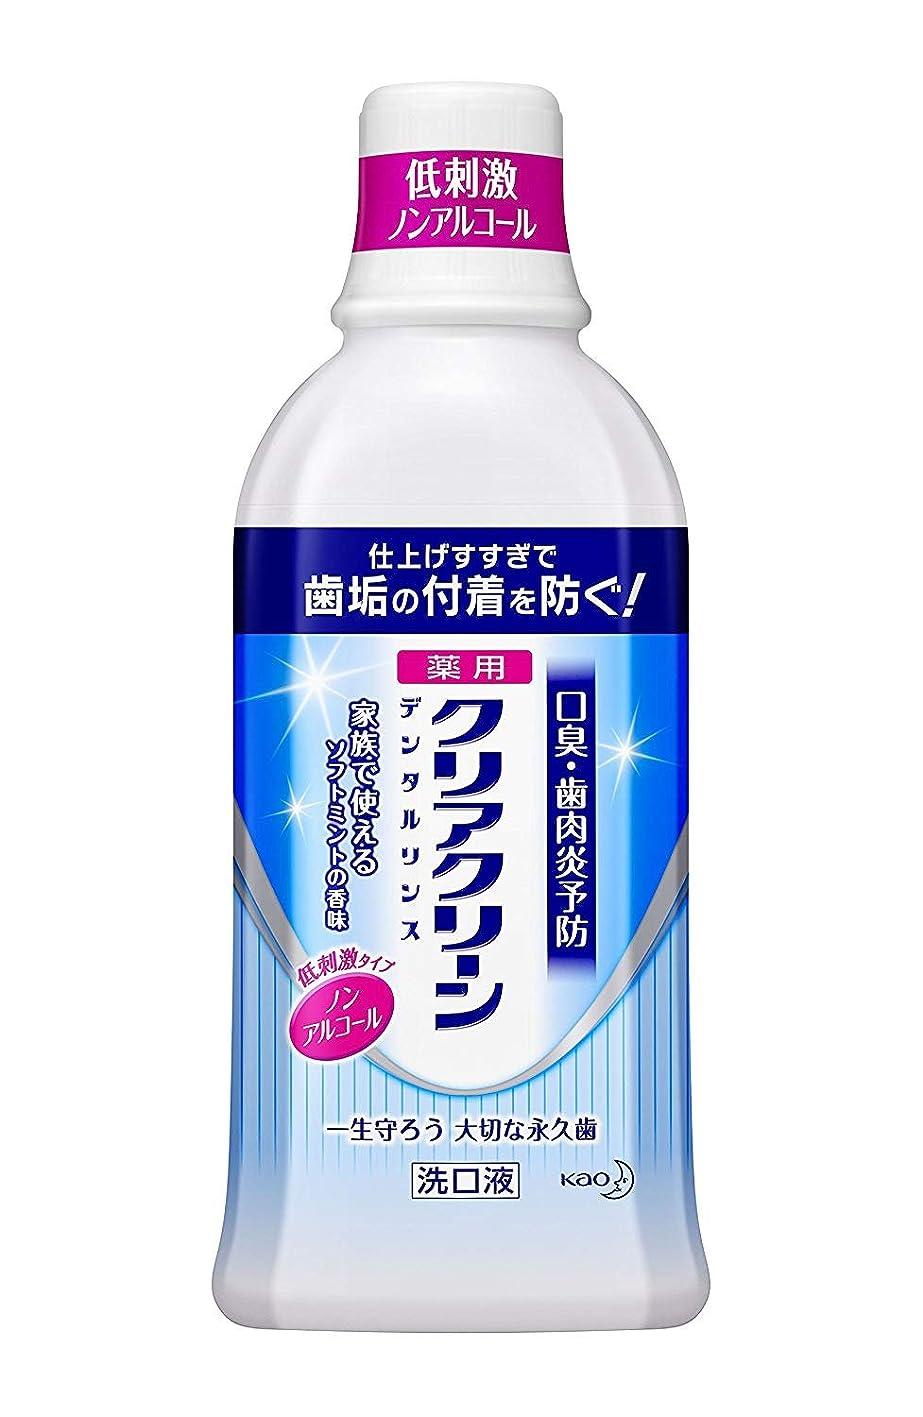 ボンド反対王位【花王】クリアクリーン デンタルリンスノンアルコール (600ml) ×5個セット